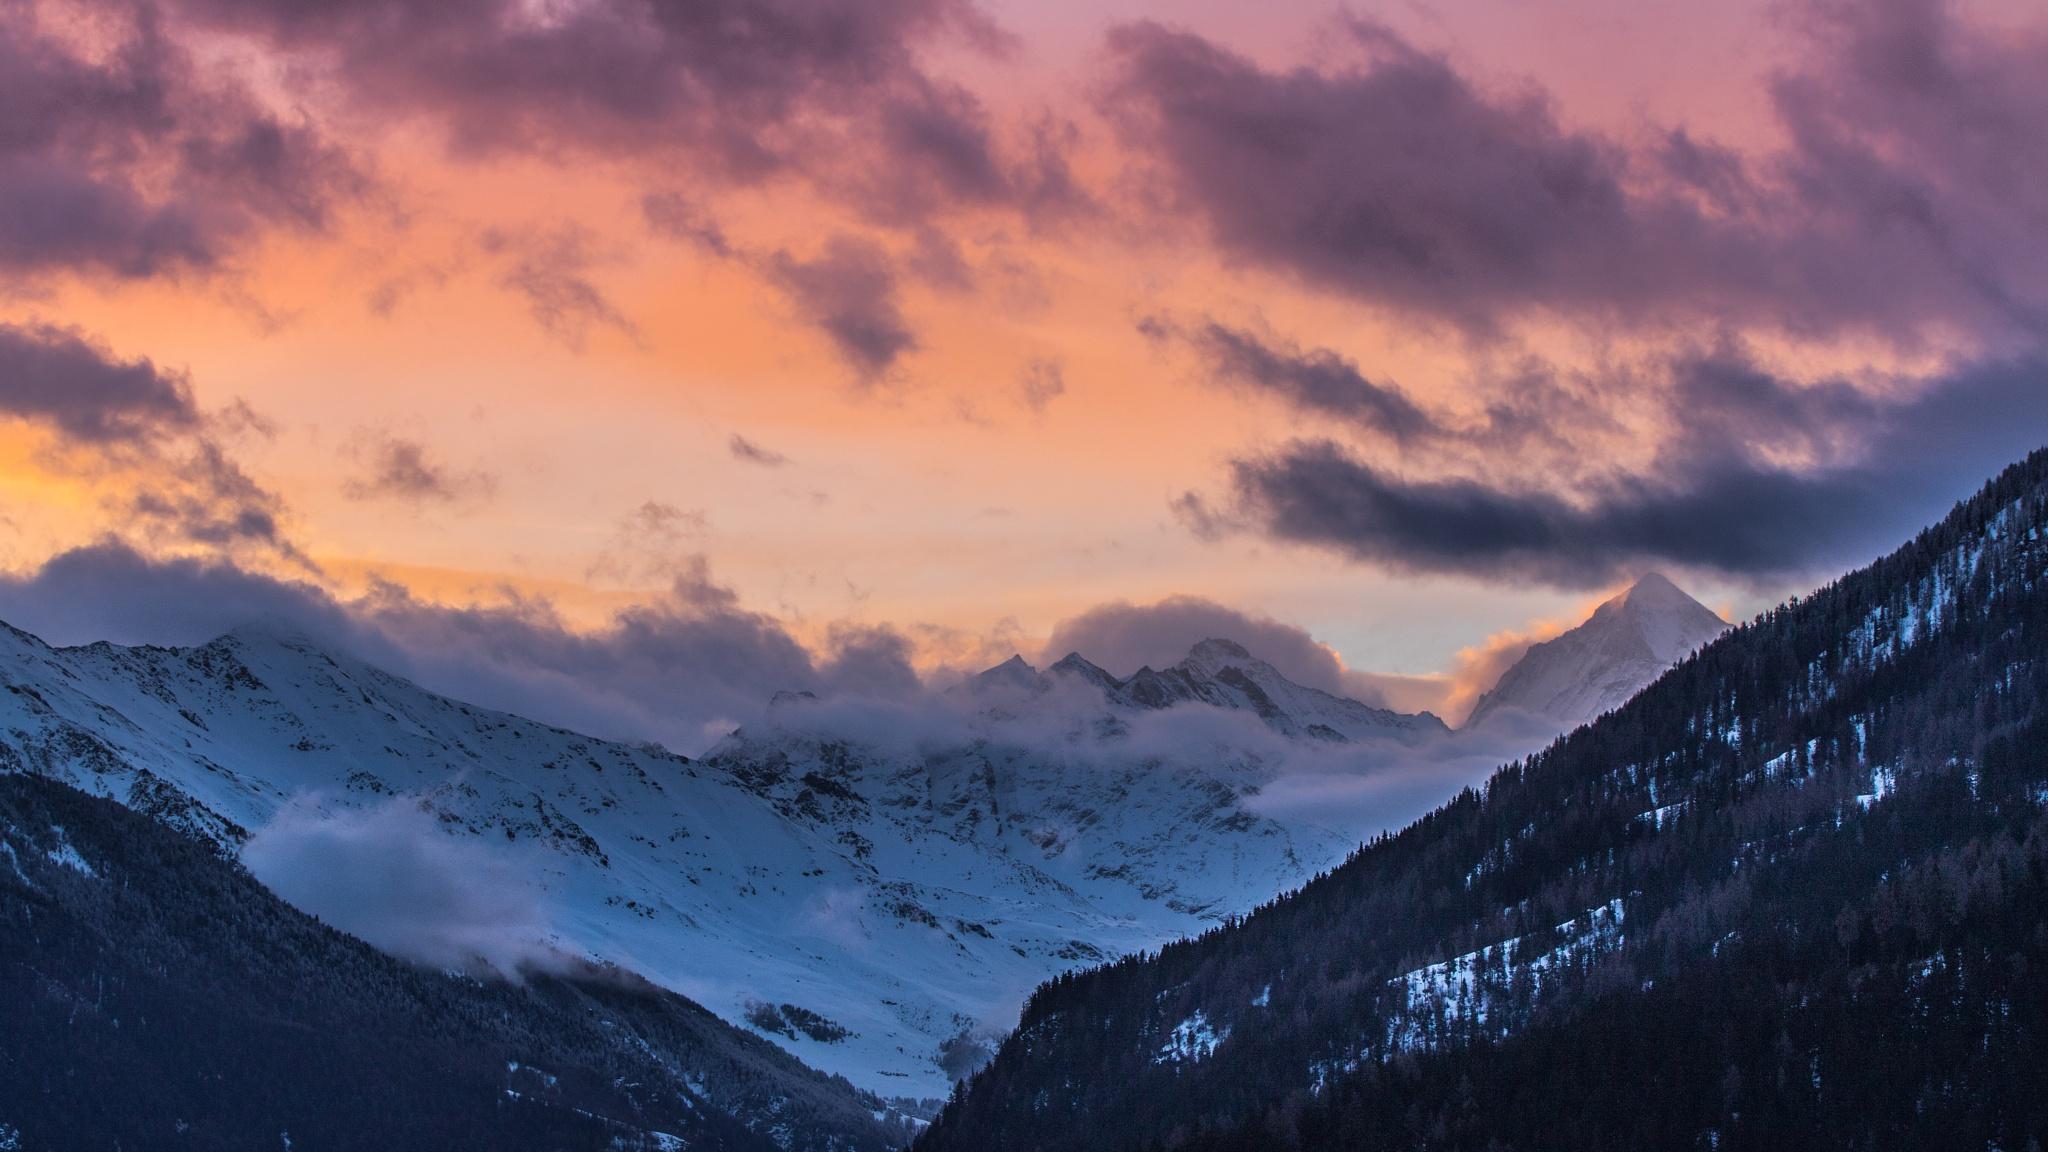 Swiss Alps by Arturas Kerdokas